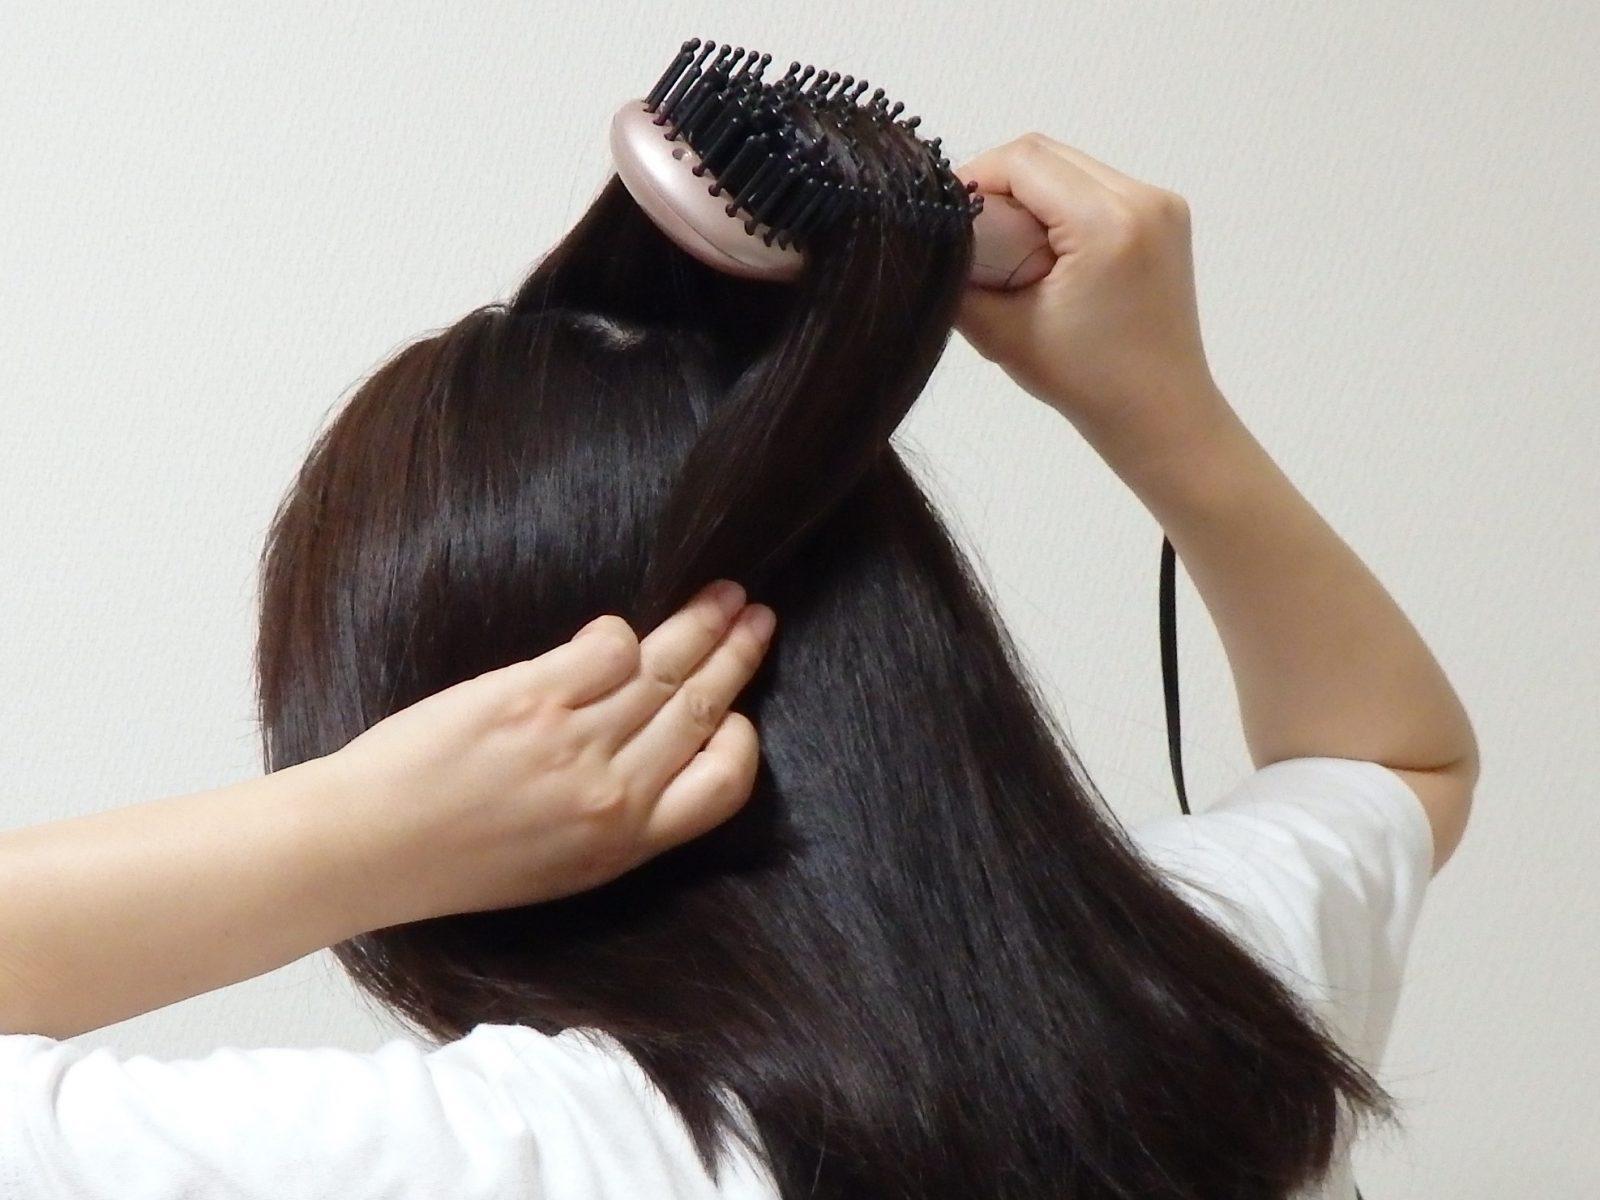 【ガチ検証】40代の髪トラブルは「ブラシ型アイロン」でどのくらい解決できた?